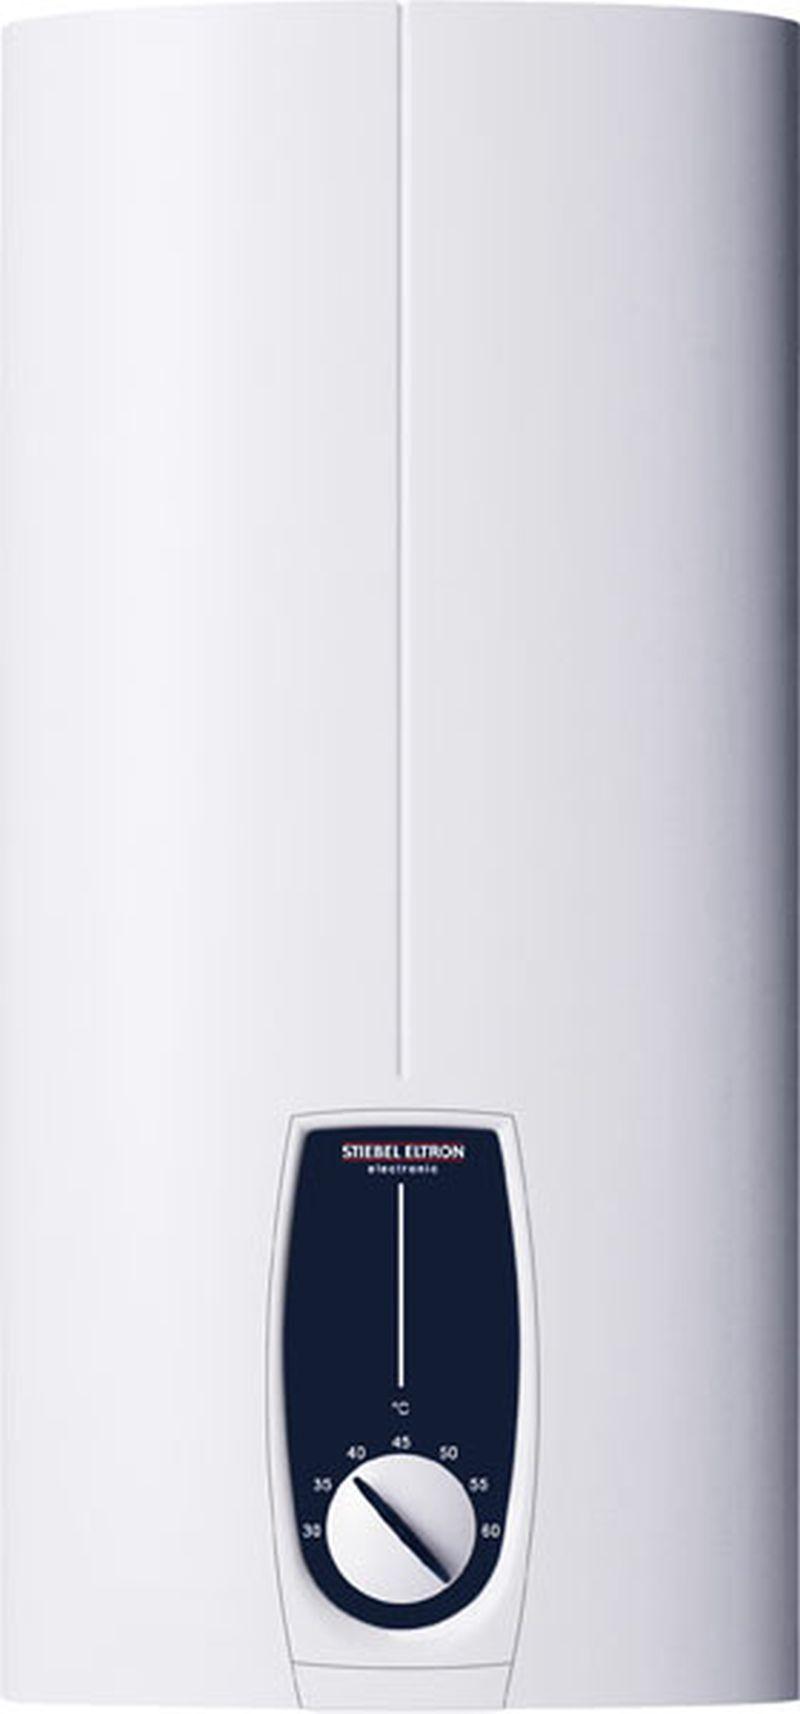 Stiebel Eltron elektronicky průtokový ohřívač DHB-E 13 SL 232014